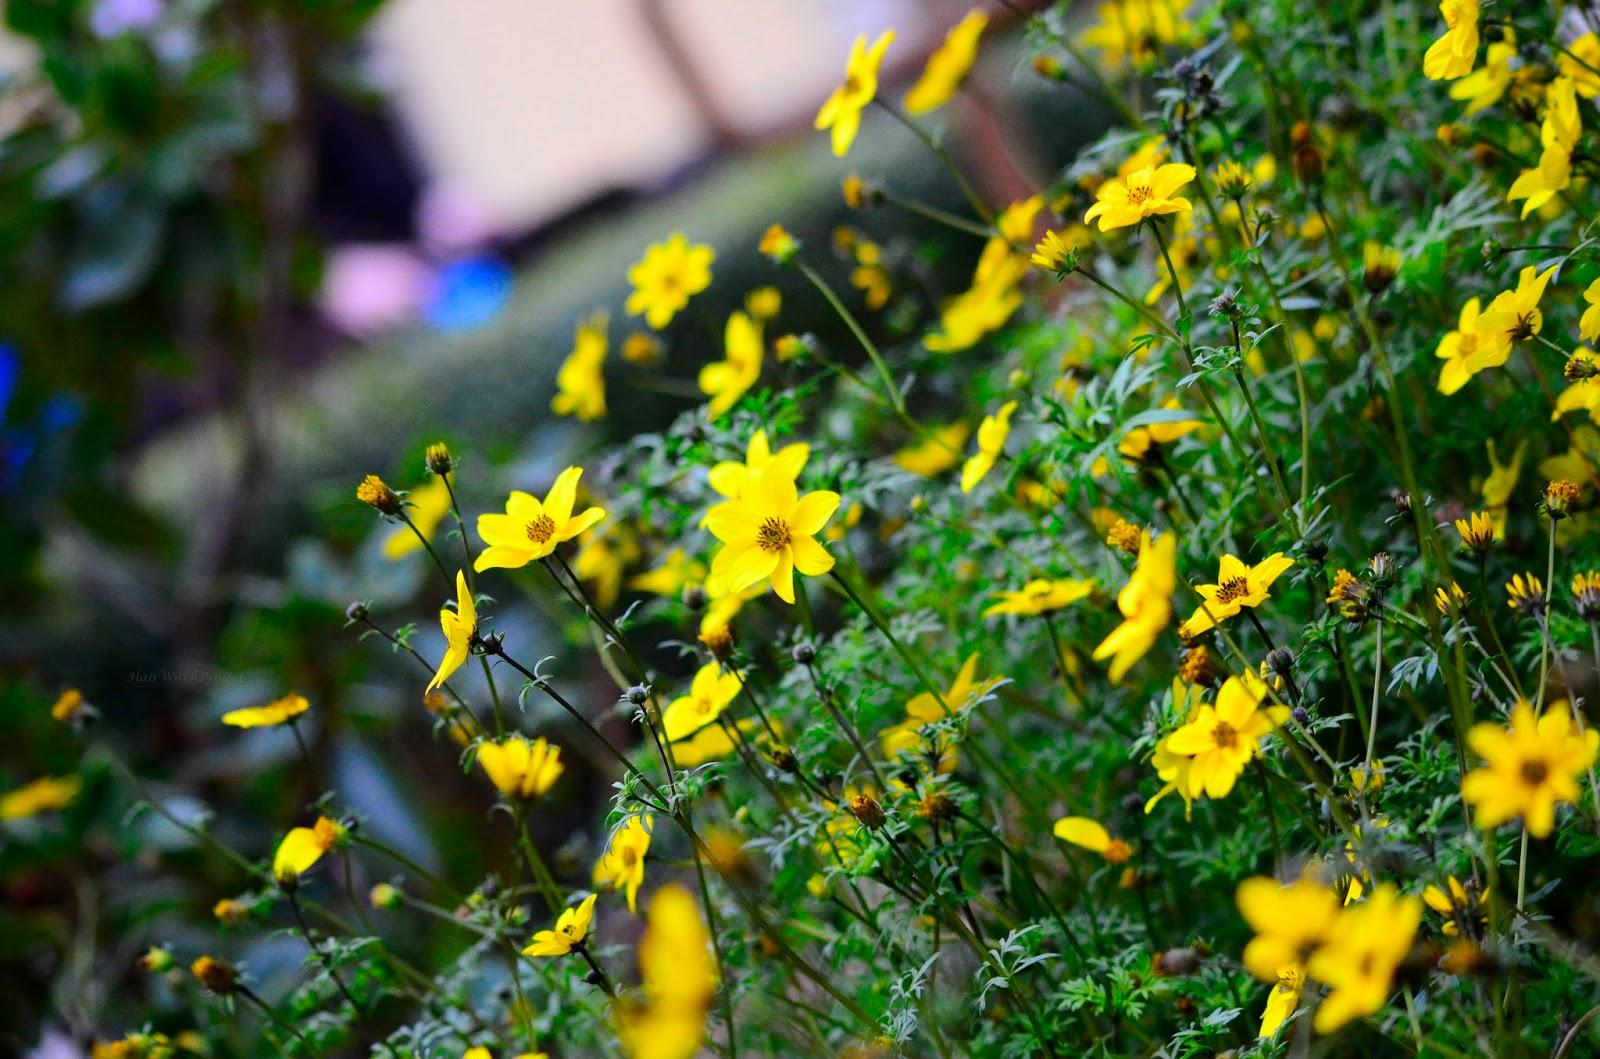 jesień | kwiaty | żółć | zieleń | krajobraz | natura